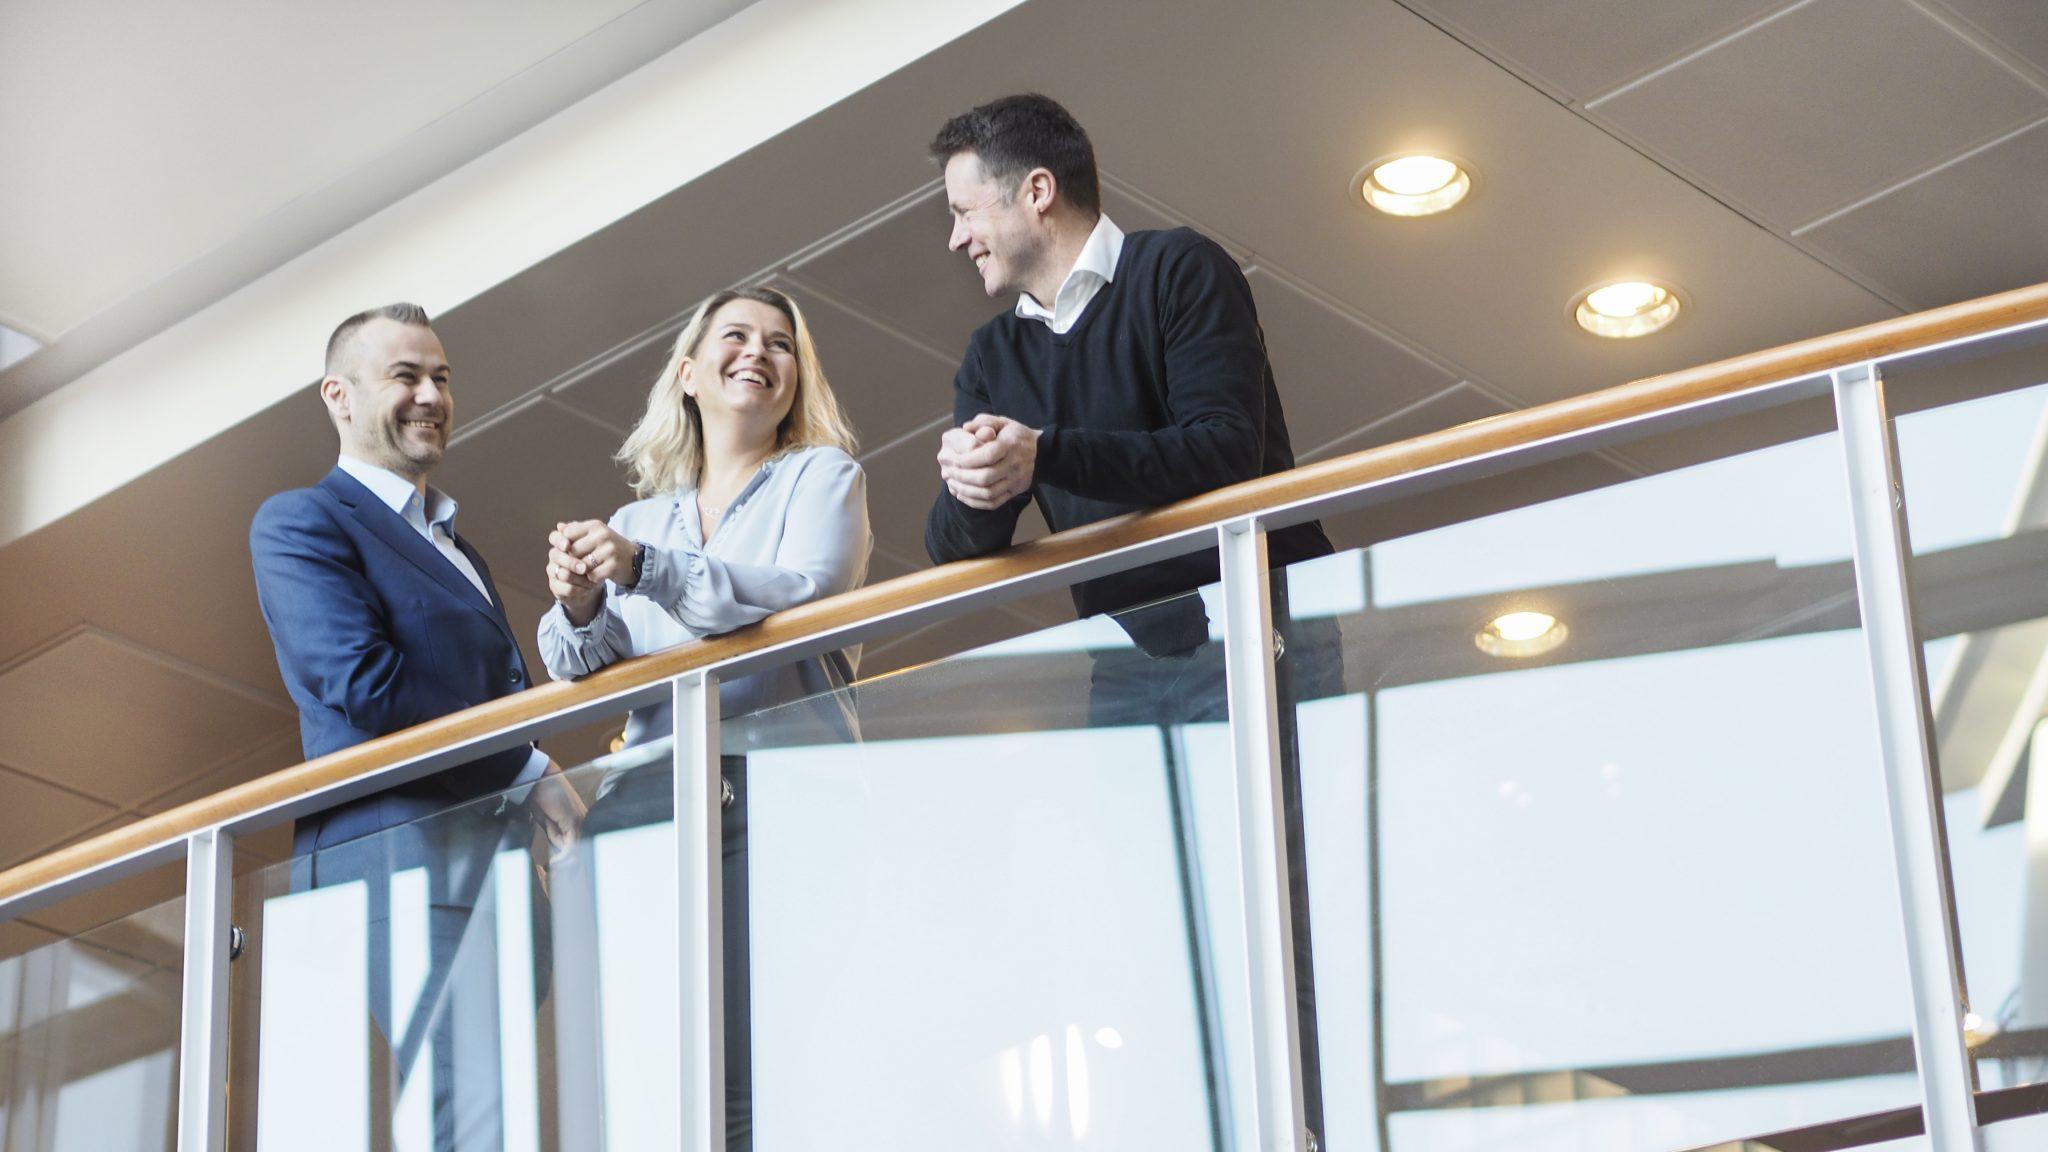 People talking ib the Oslo office, seen from below